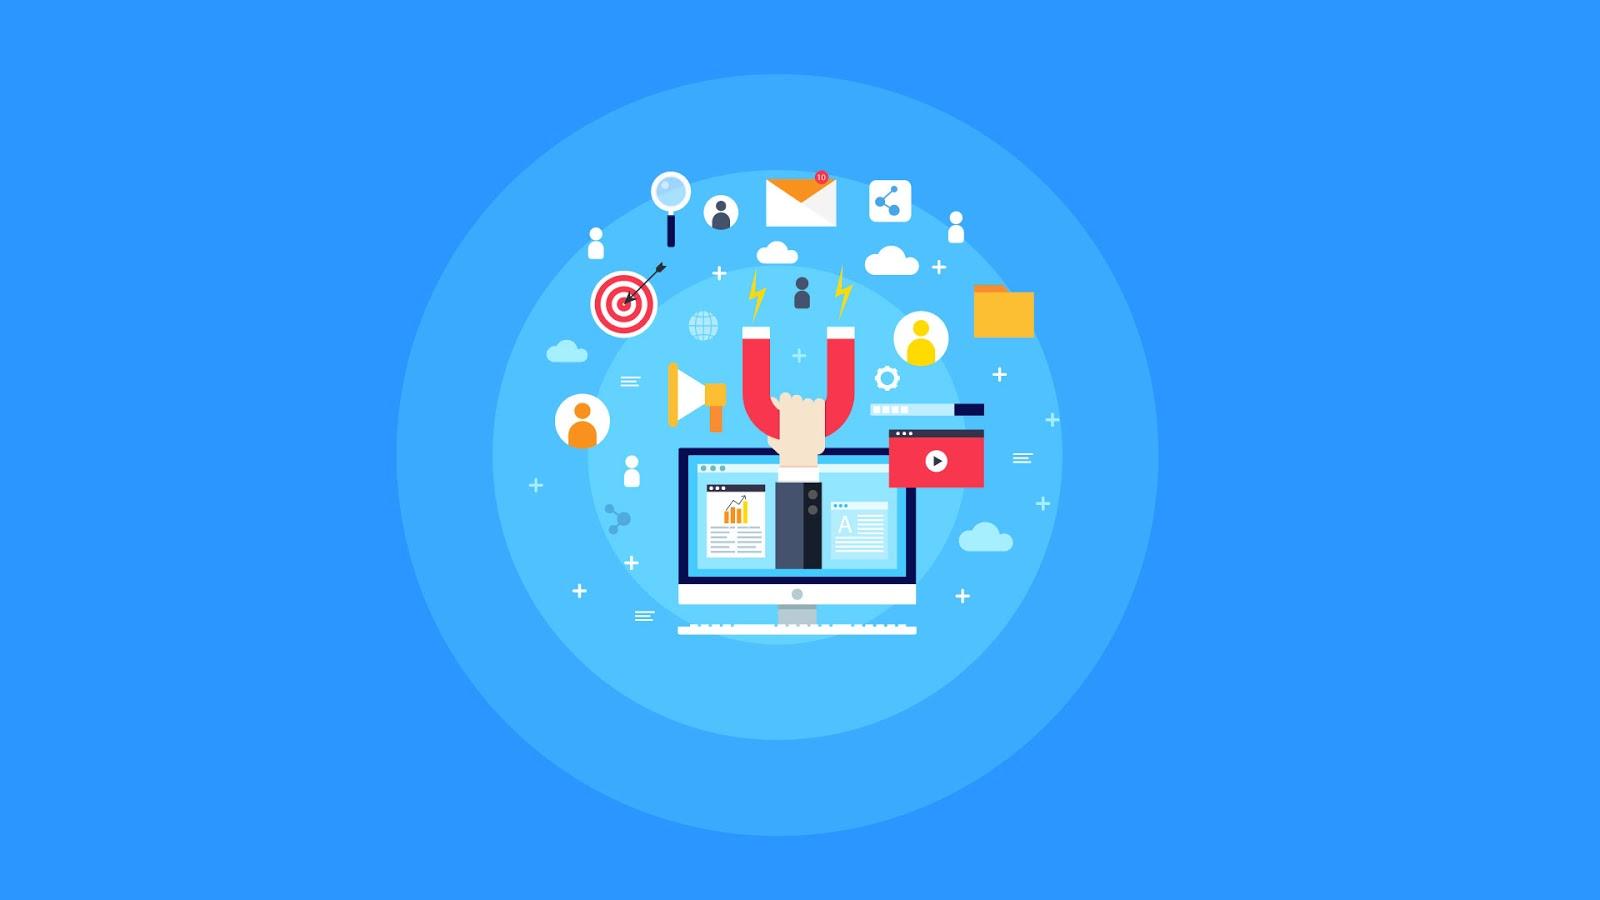 Pada dunia marketing, dikenal strategi inbound marketing dan outbound marketing. Apa perbedaannya? Kenapa inbound marketing dinilai lebih efektif untuk saat ini?